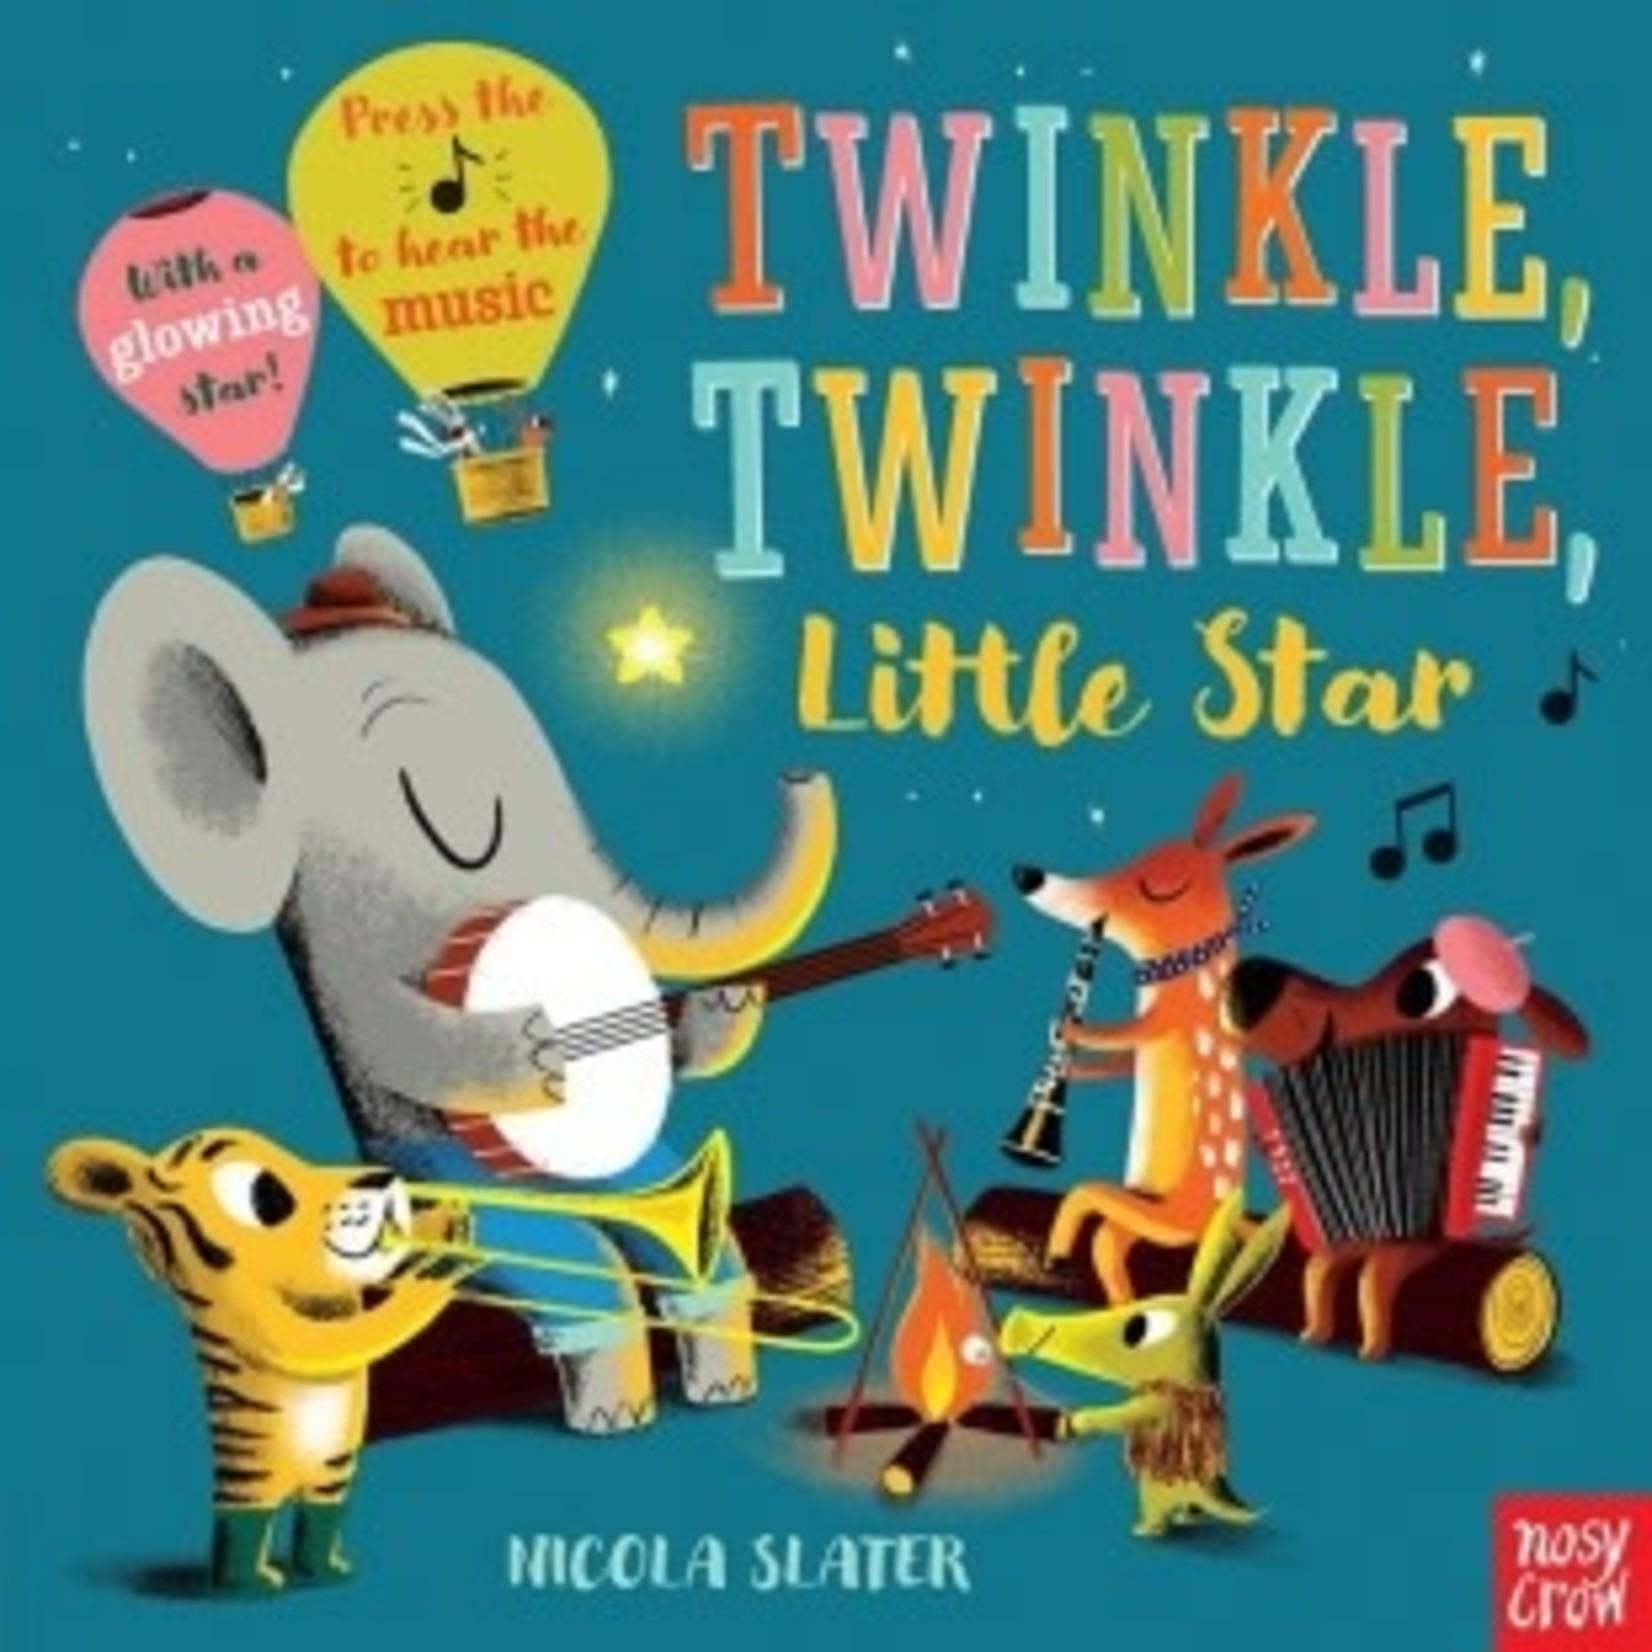 Skandisk, Inc. Book: Twinkle, Twinkle, Little Star